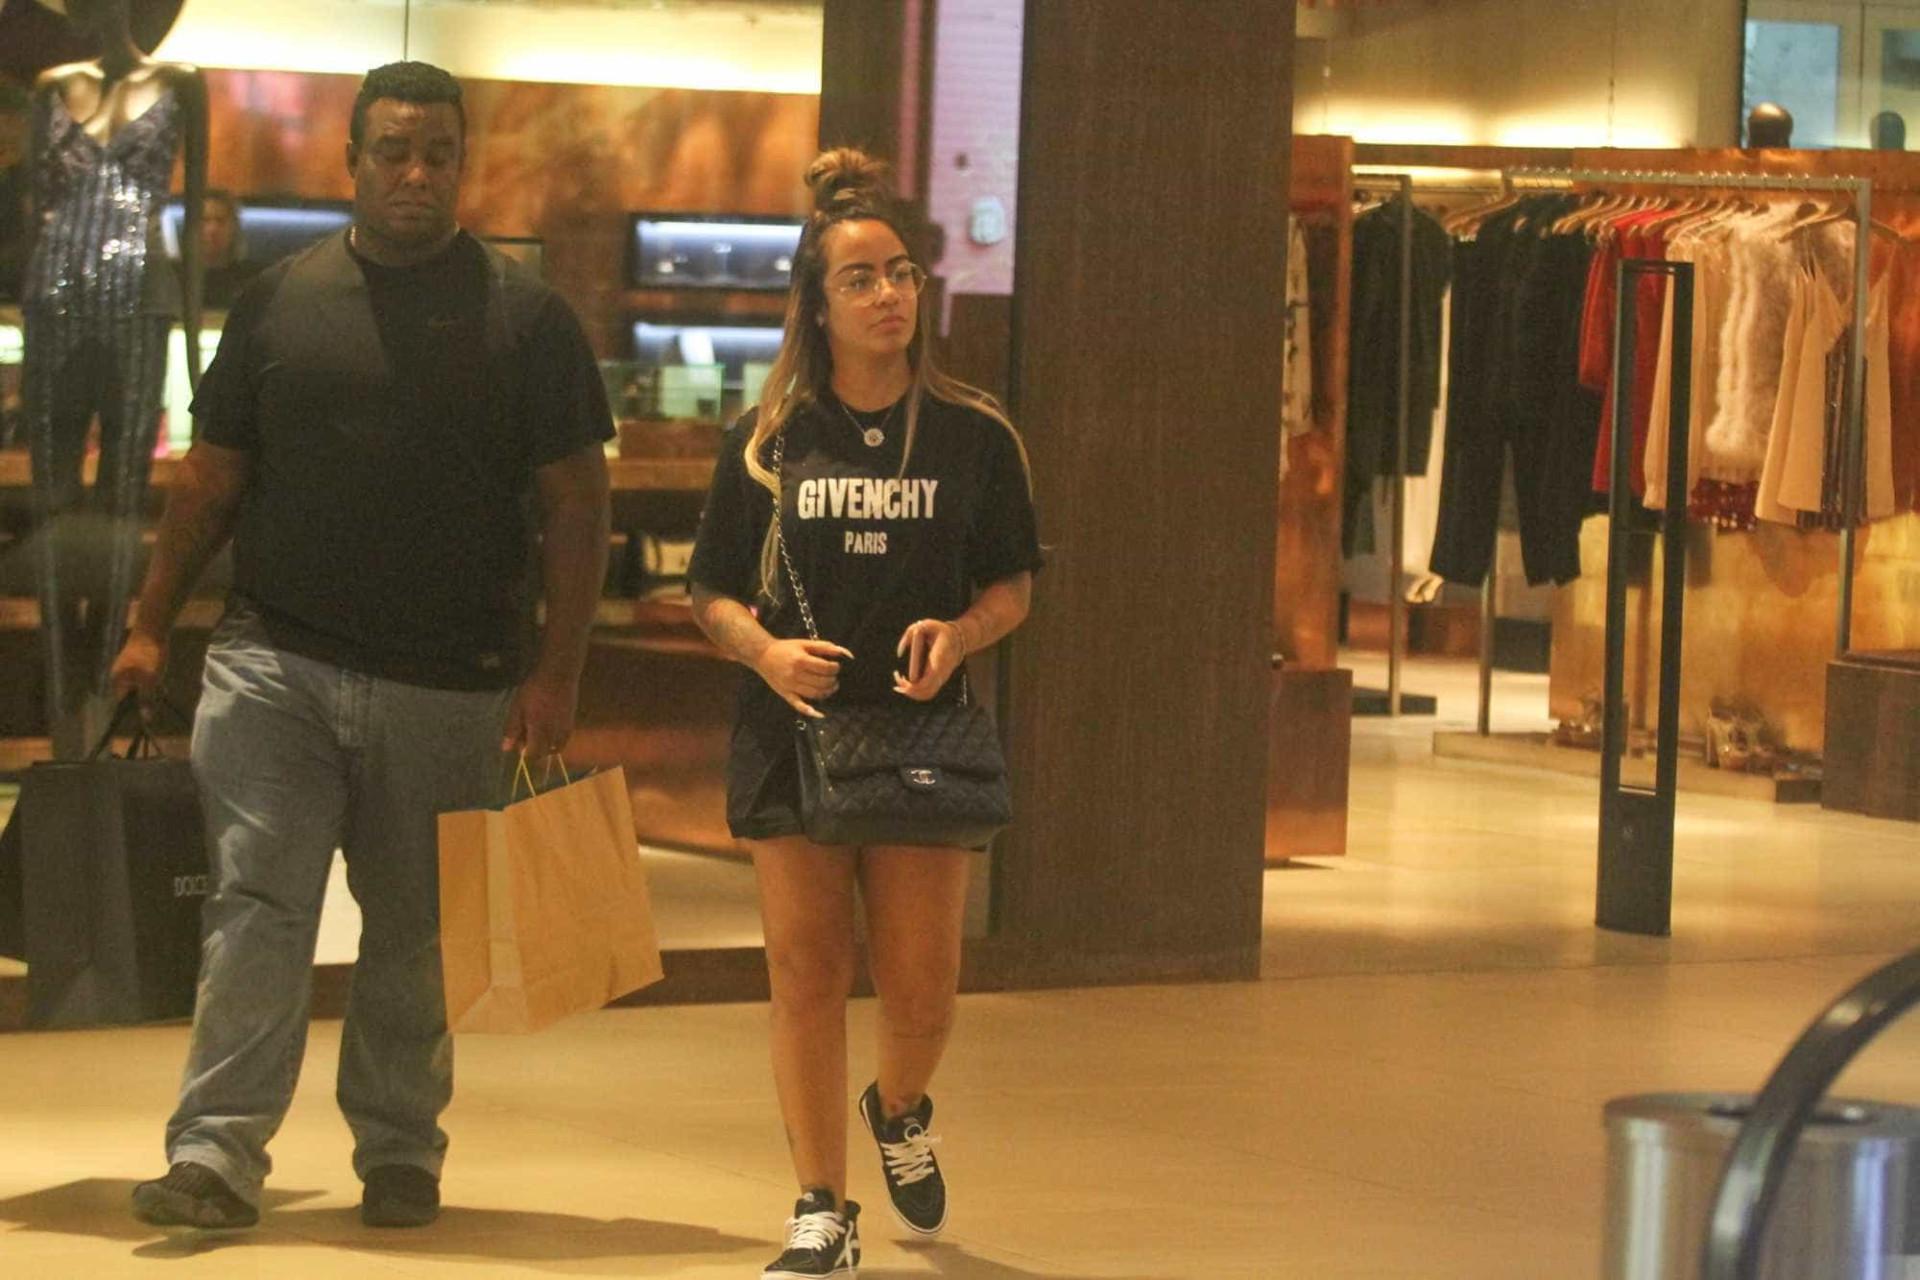 Irmã de Neymar é vista no shopping acompanhada de segurança